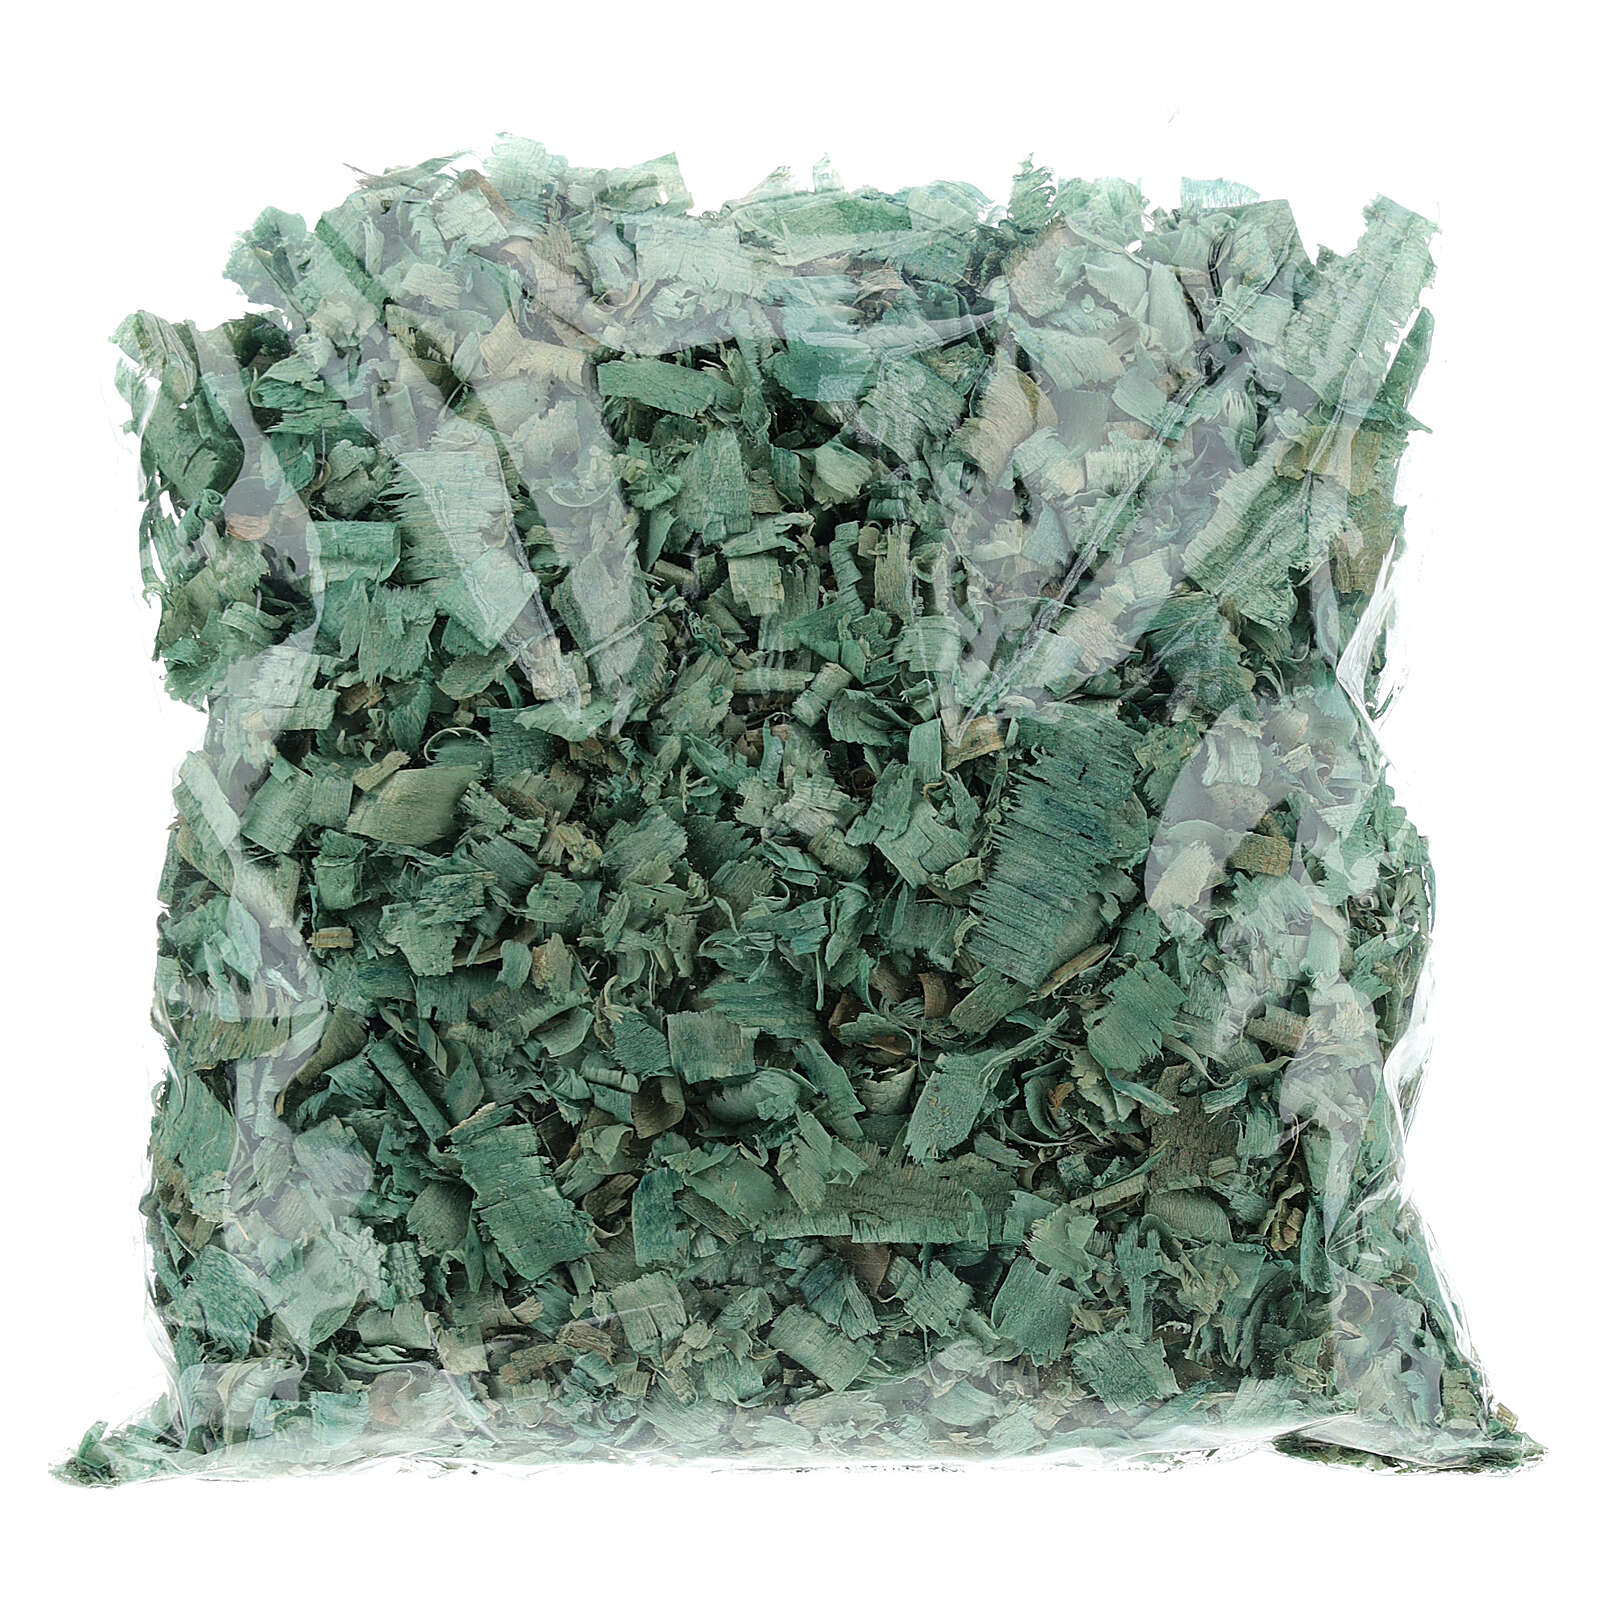 Green wood chips 100 g, for nativity scene flooring 4